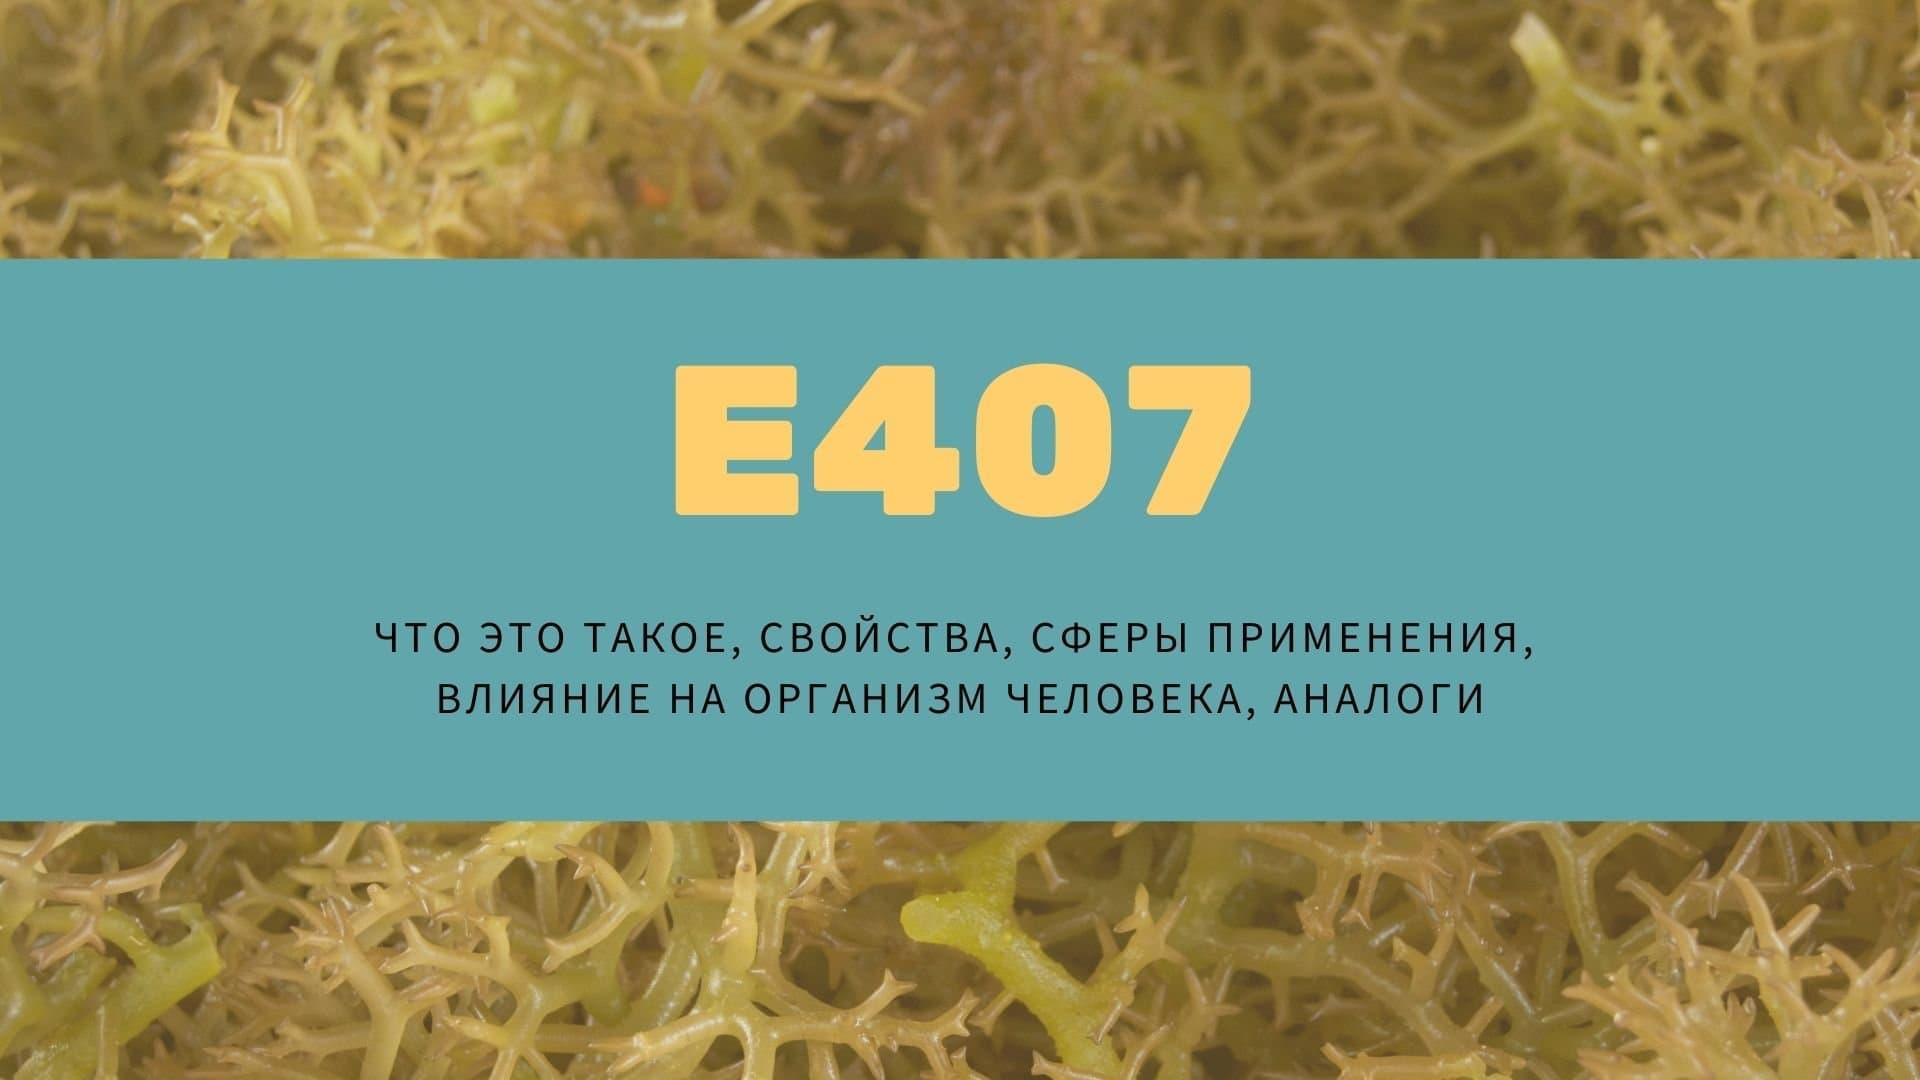 Е407: что это такое, свойства, сферы применения, влияние на организм человека, аналоги